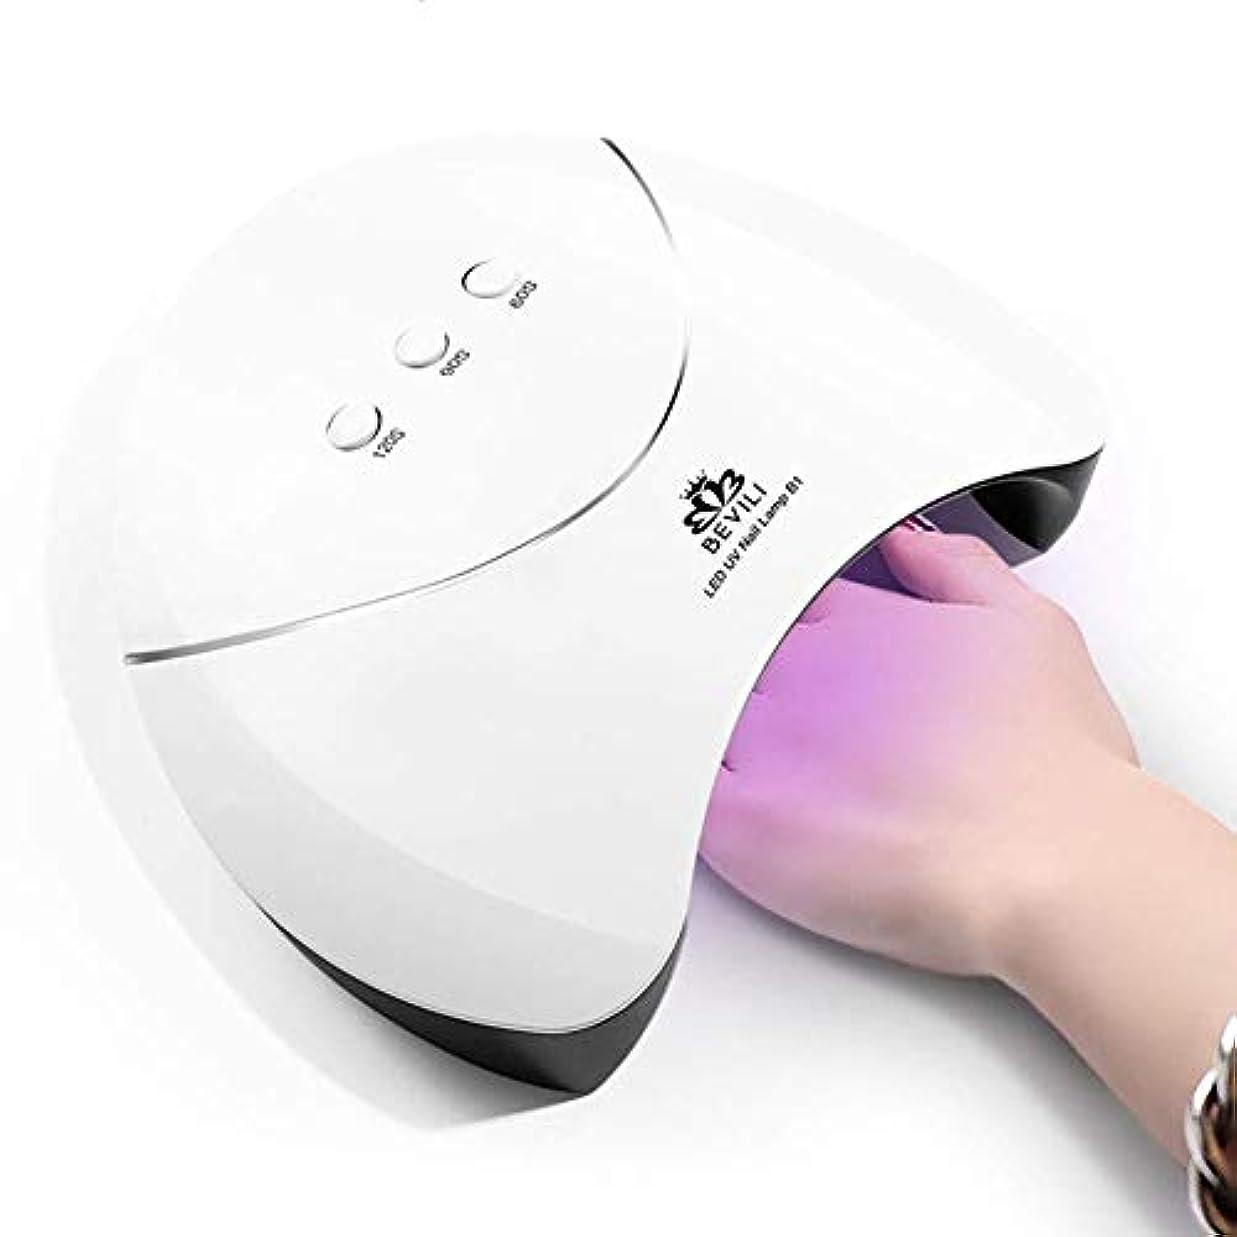 中表面的な誕生日爪の光線療法機械36Wスマートな誘導はドライヤーのマニキュアの光線療法の処置のベイクライトを導きました